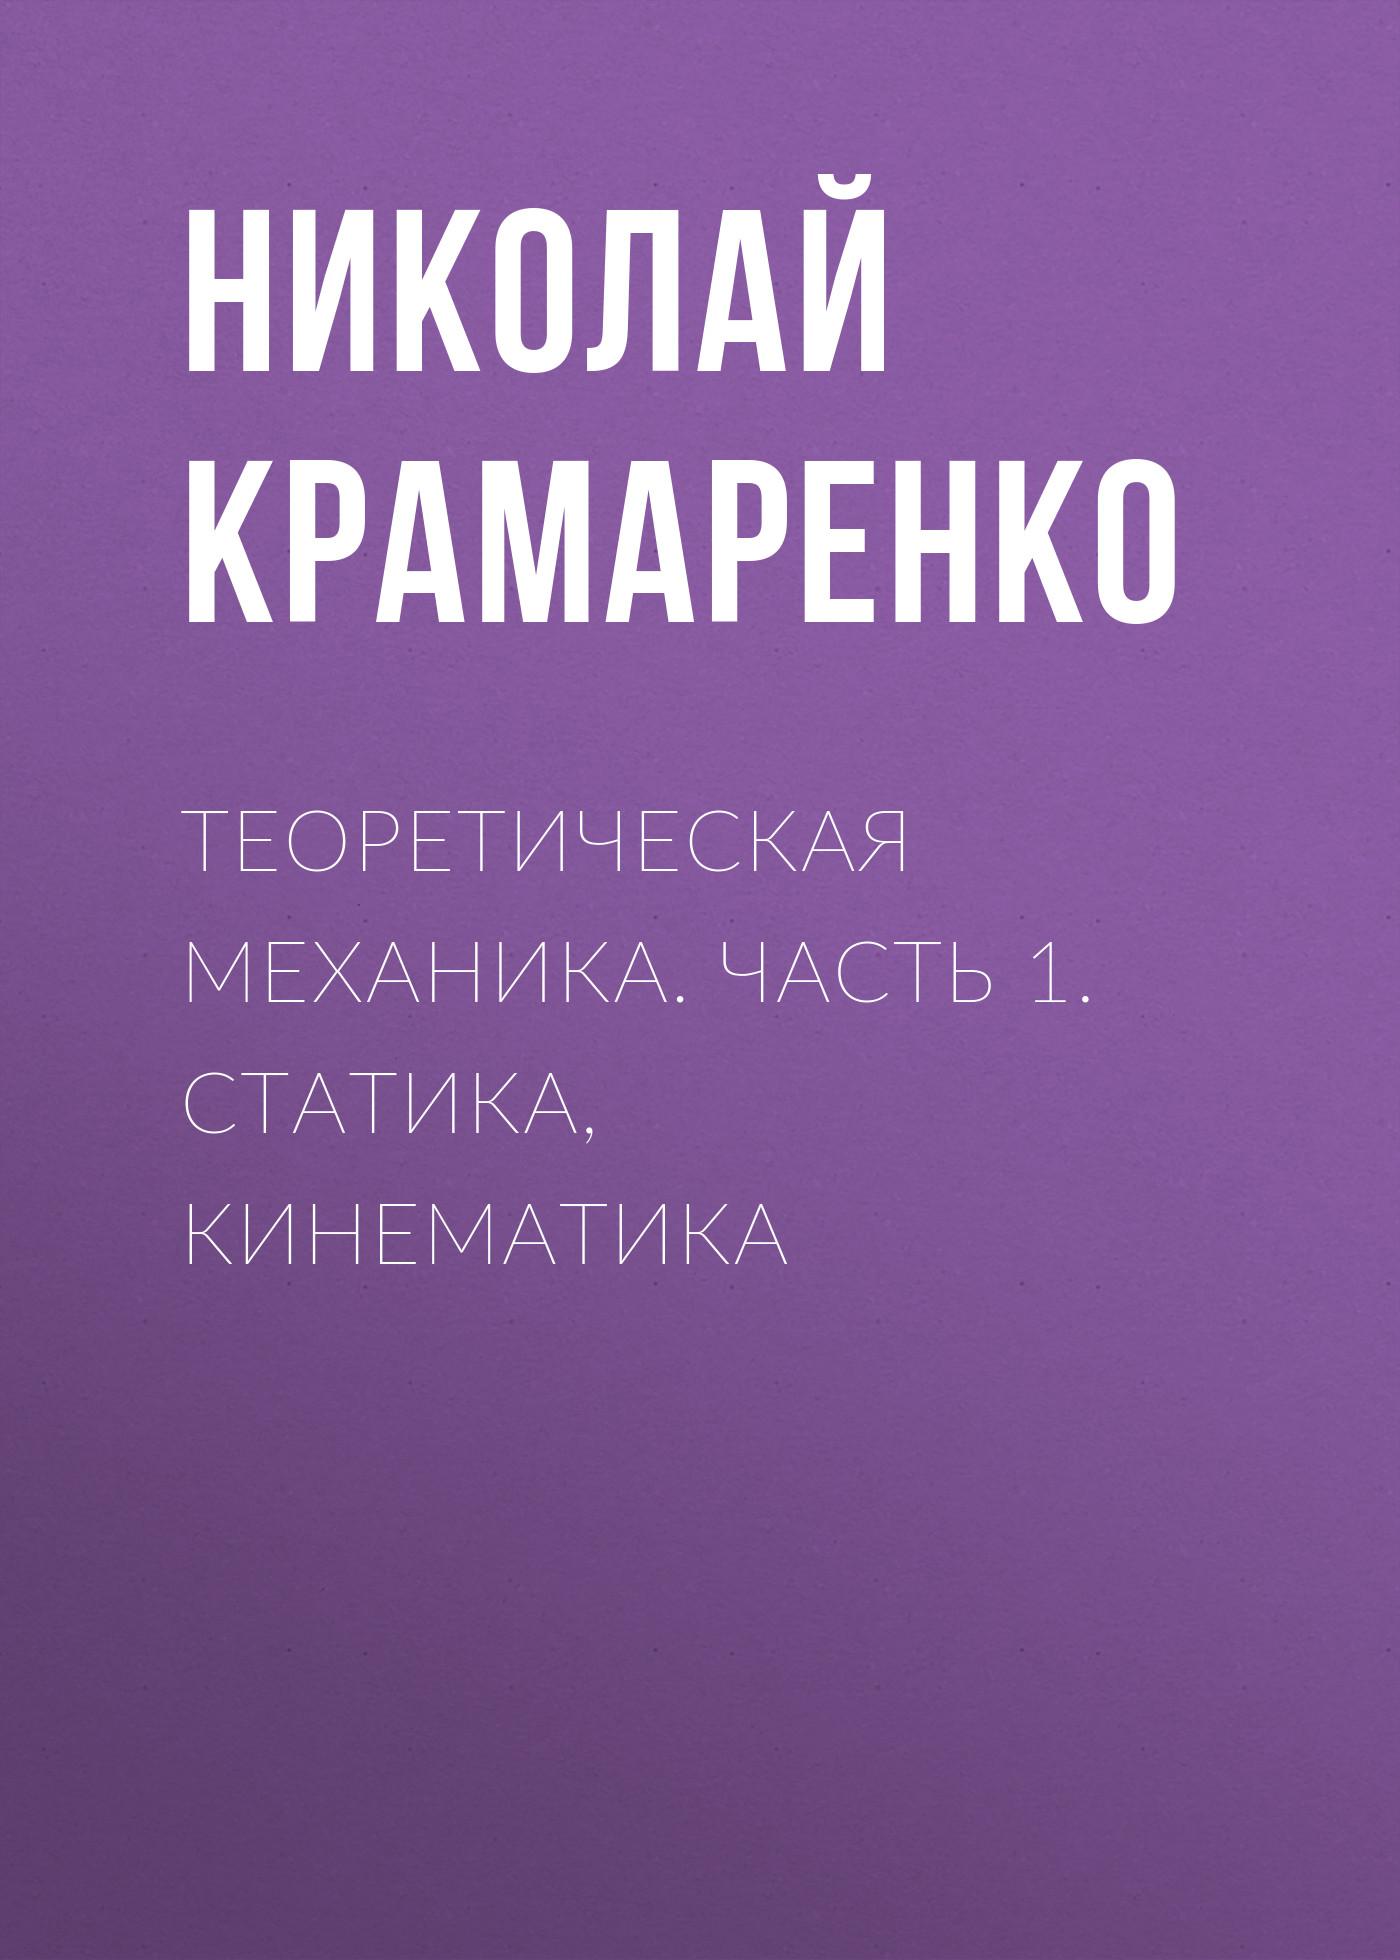 Николай Крамаренко Теоретическая механика. Часть 1. Статика, кинематика цена в Москве и Питере